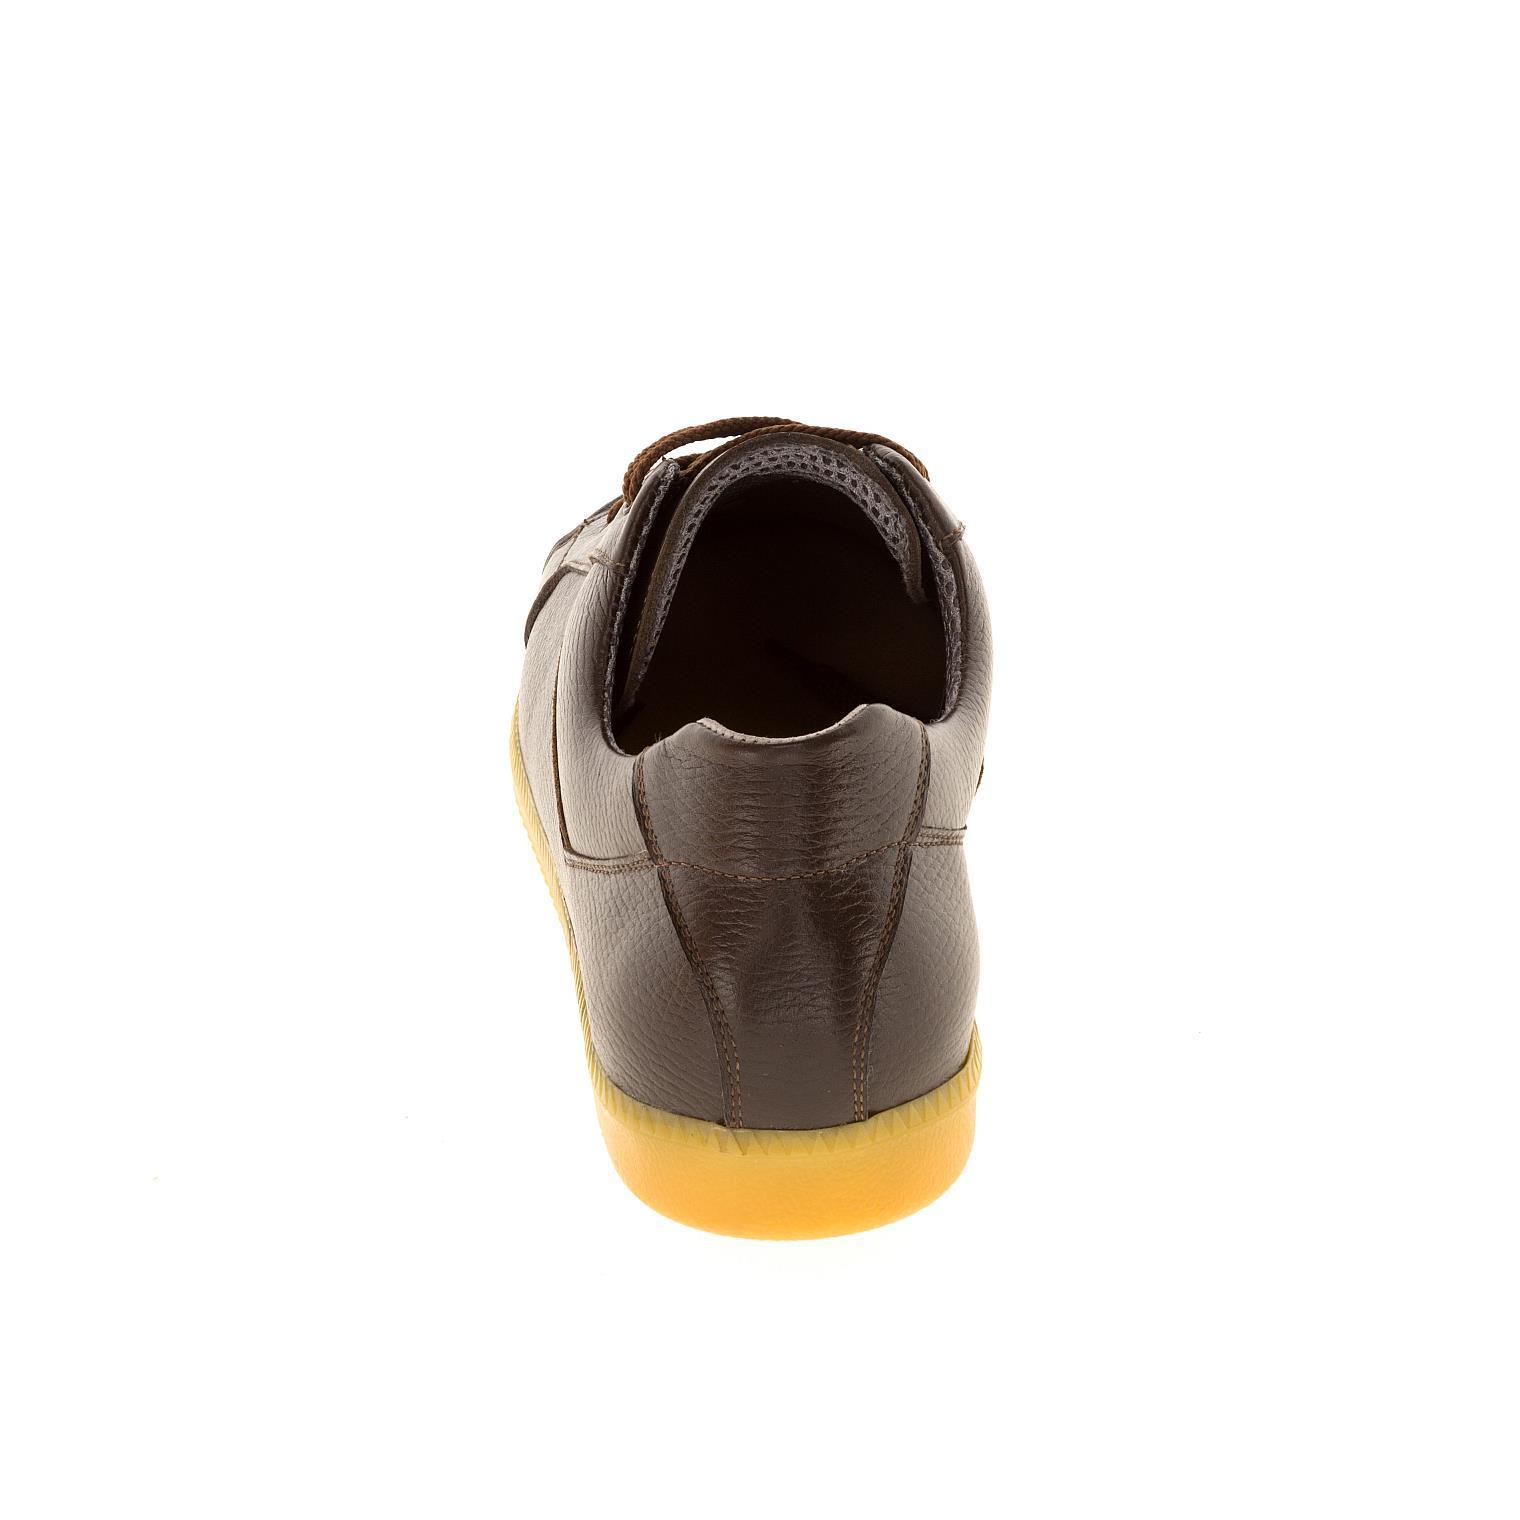 649396 полуботинки мужские Brown больших размеров марки Делфино